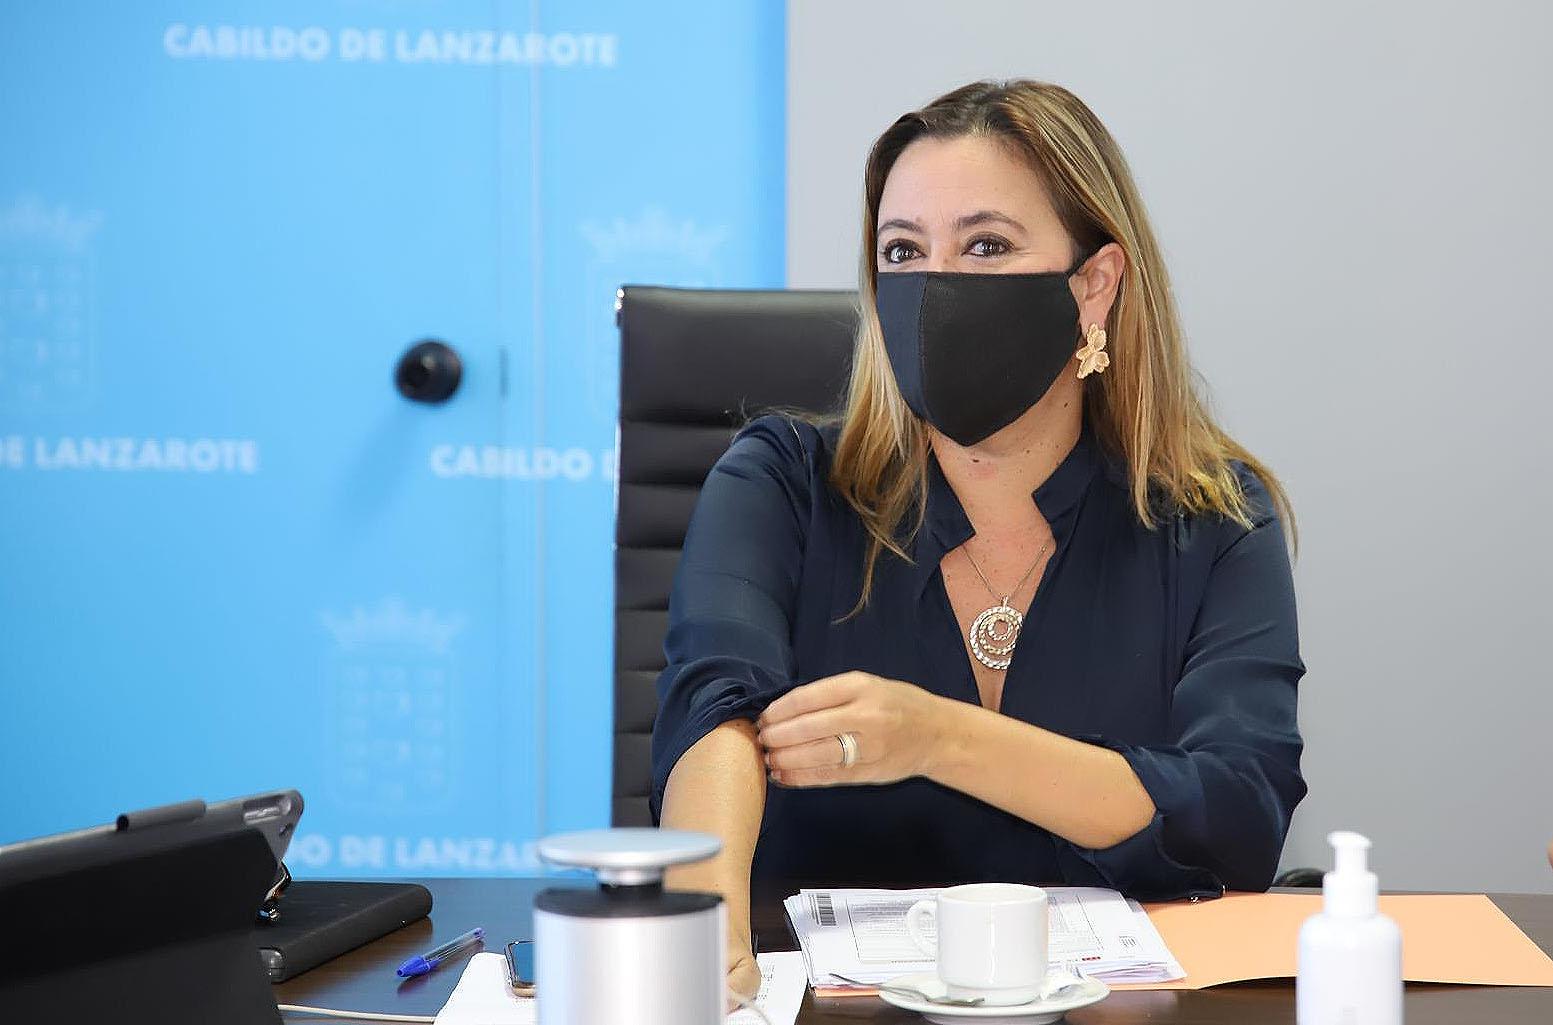 El Consorcio del Agua de Lanzarote abona al sector primario el importe de la subvención recibida para abaratar a los agricultores el sobrecoste de la desalación